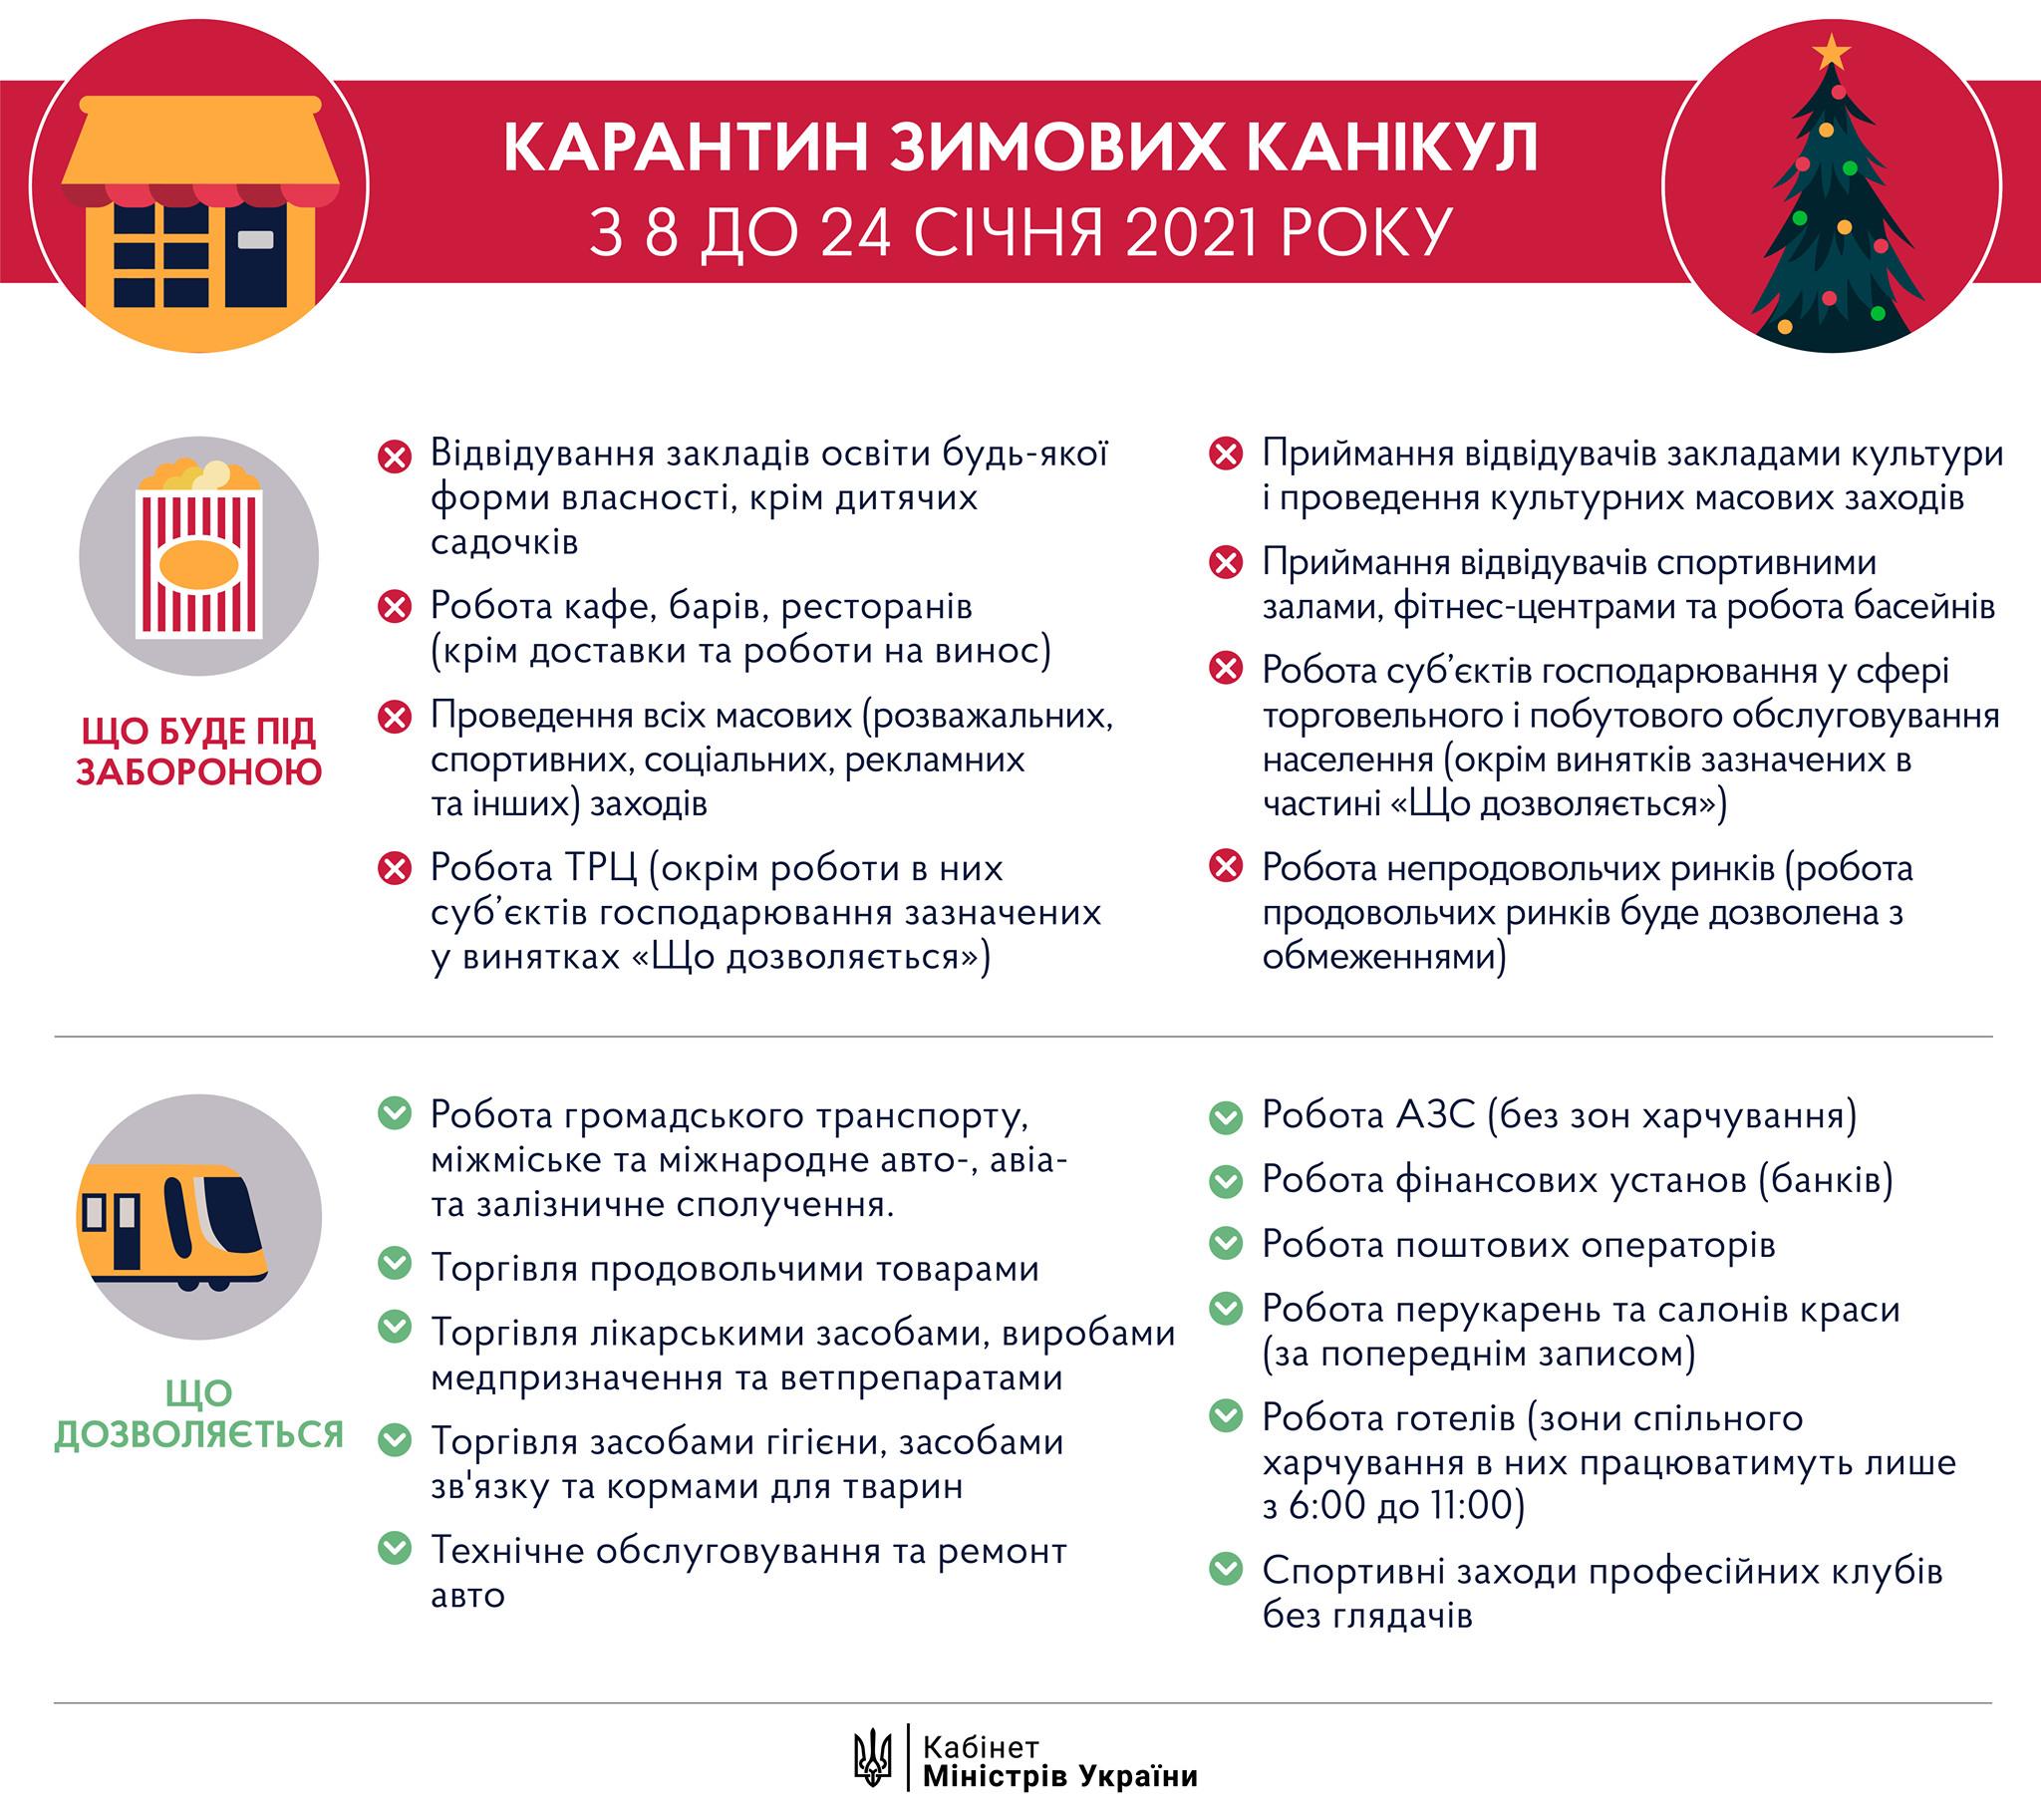 Инфографика о карантине зимних каникул